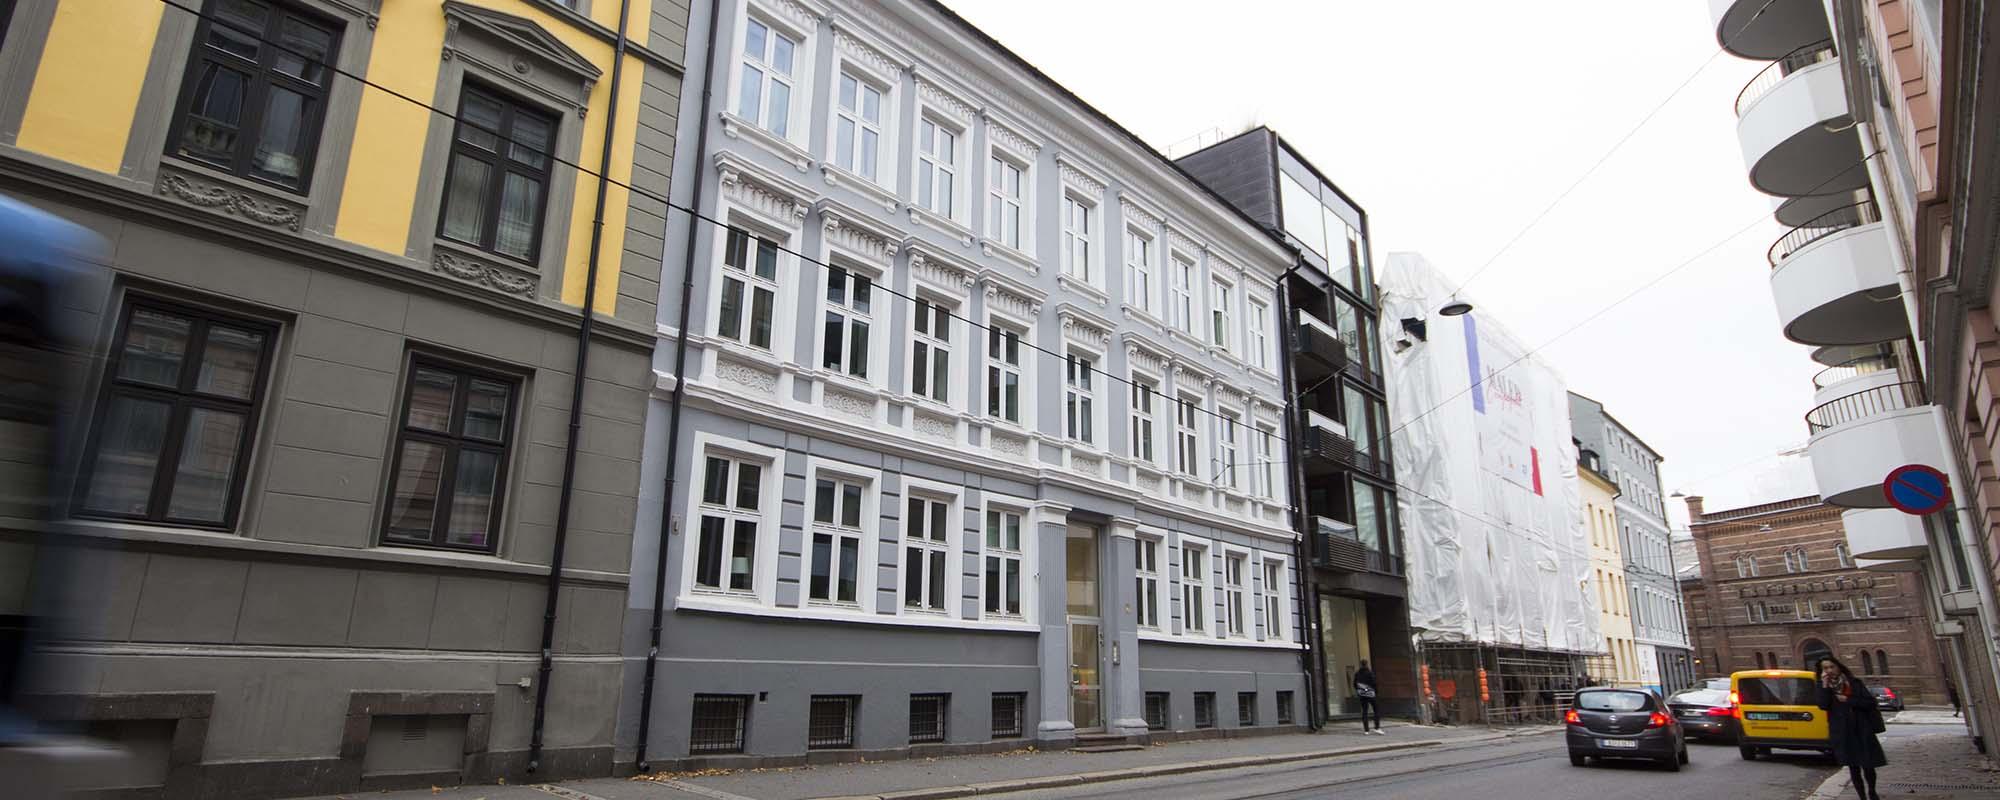 Parkveien 7 Fasade